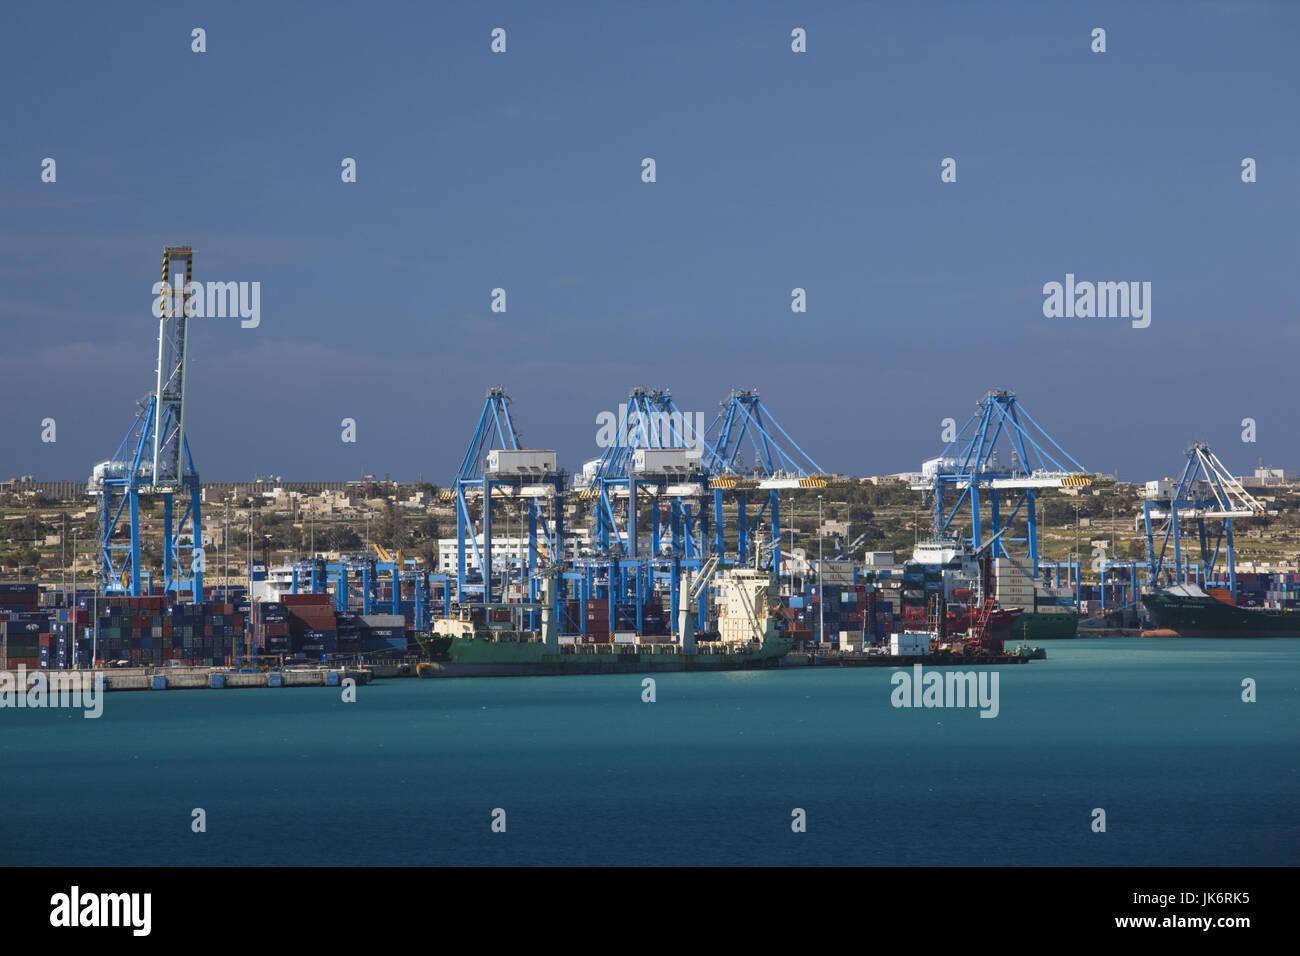 Malta, Southeast, Marsaxlokk, Malta Freeport, Marsaxlokk Bay - Stock Image